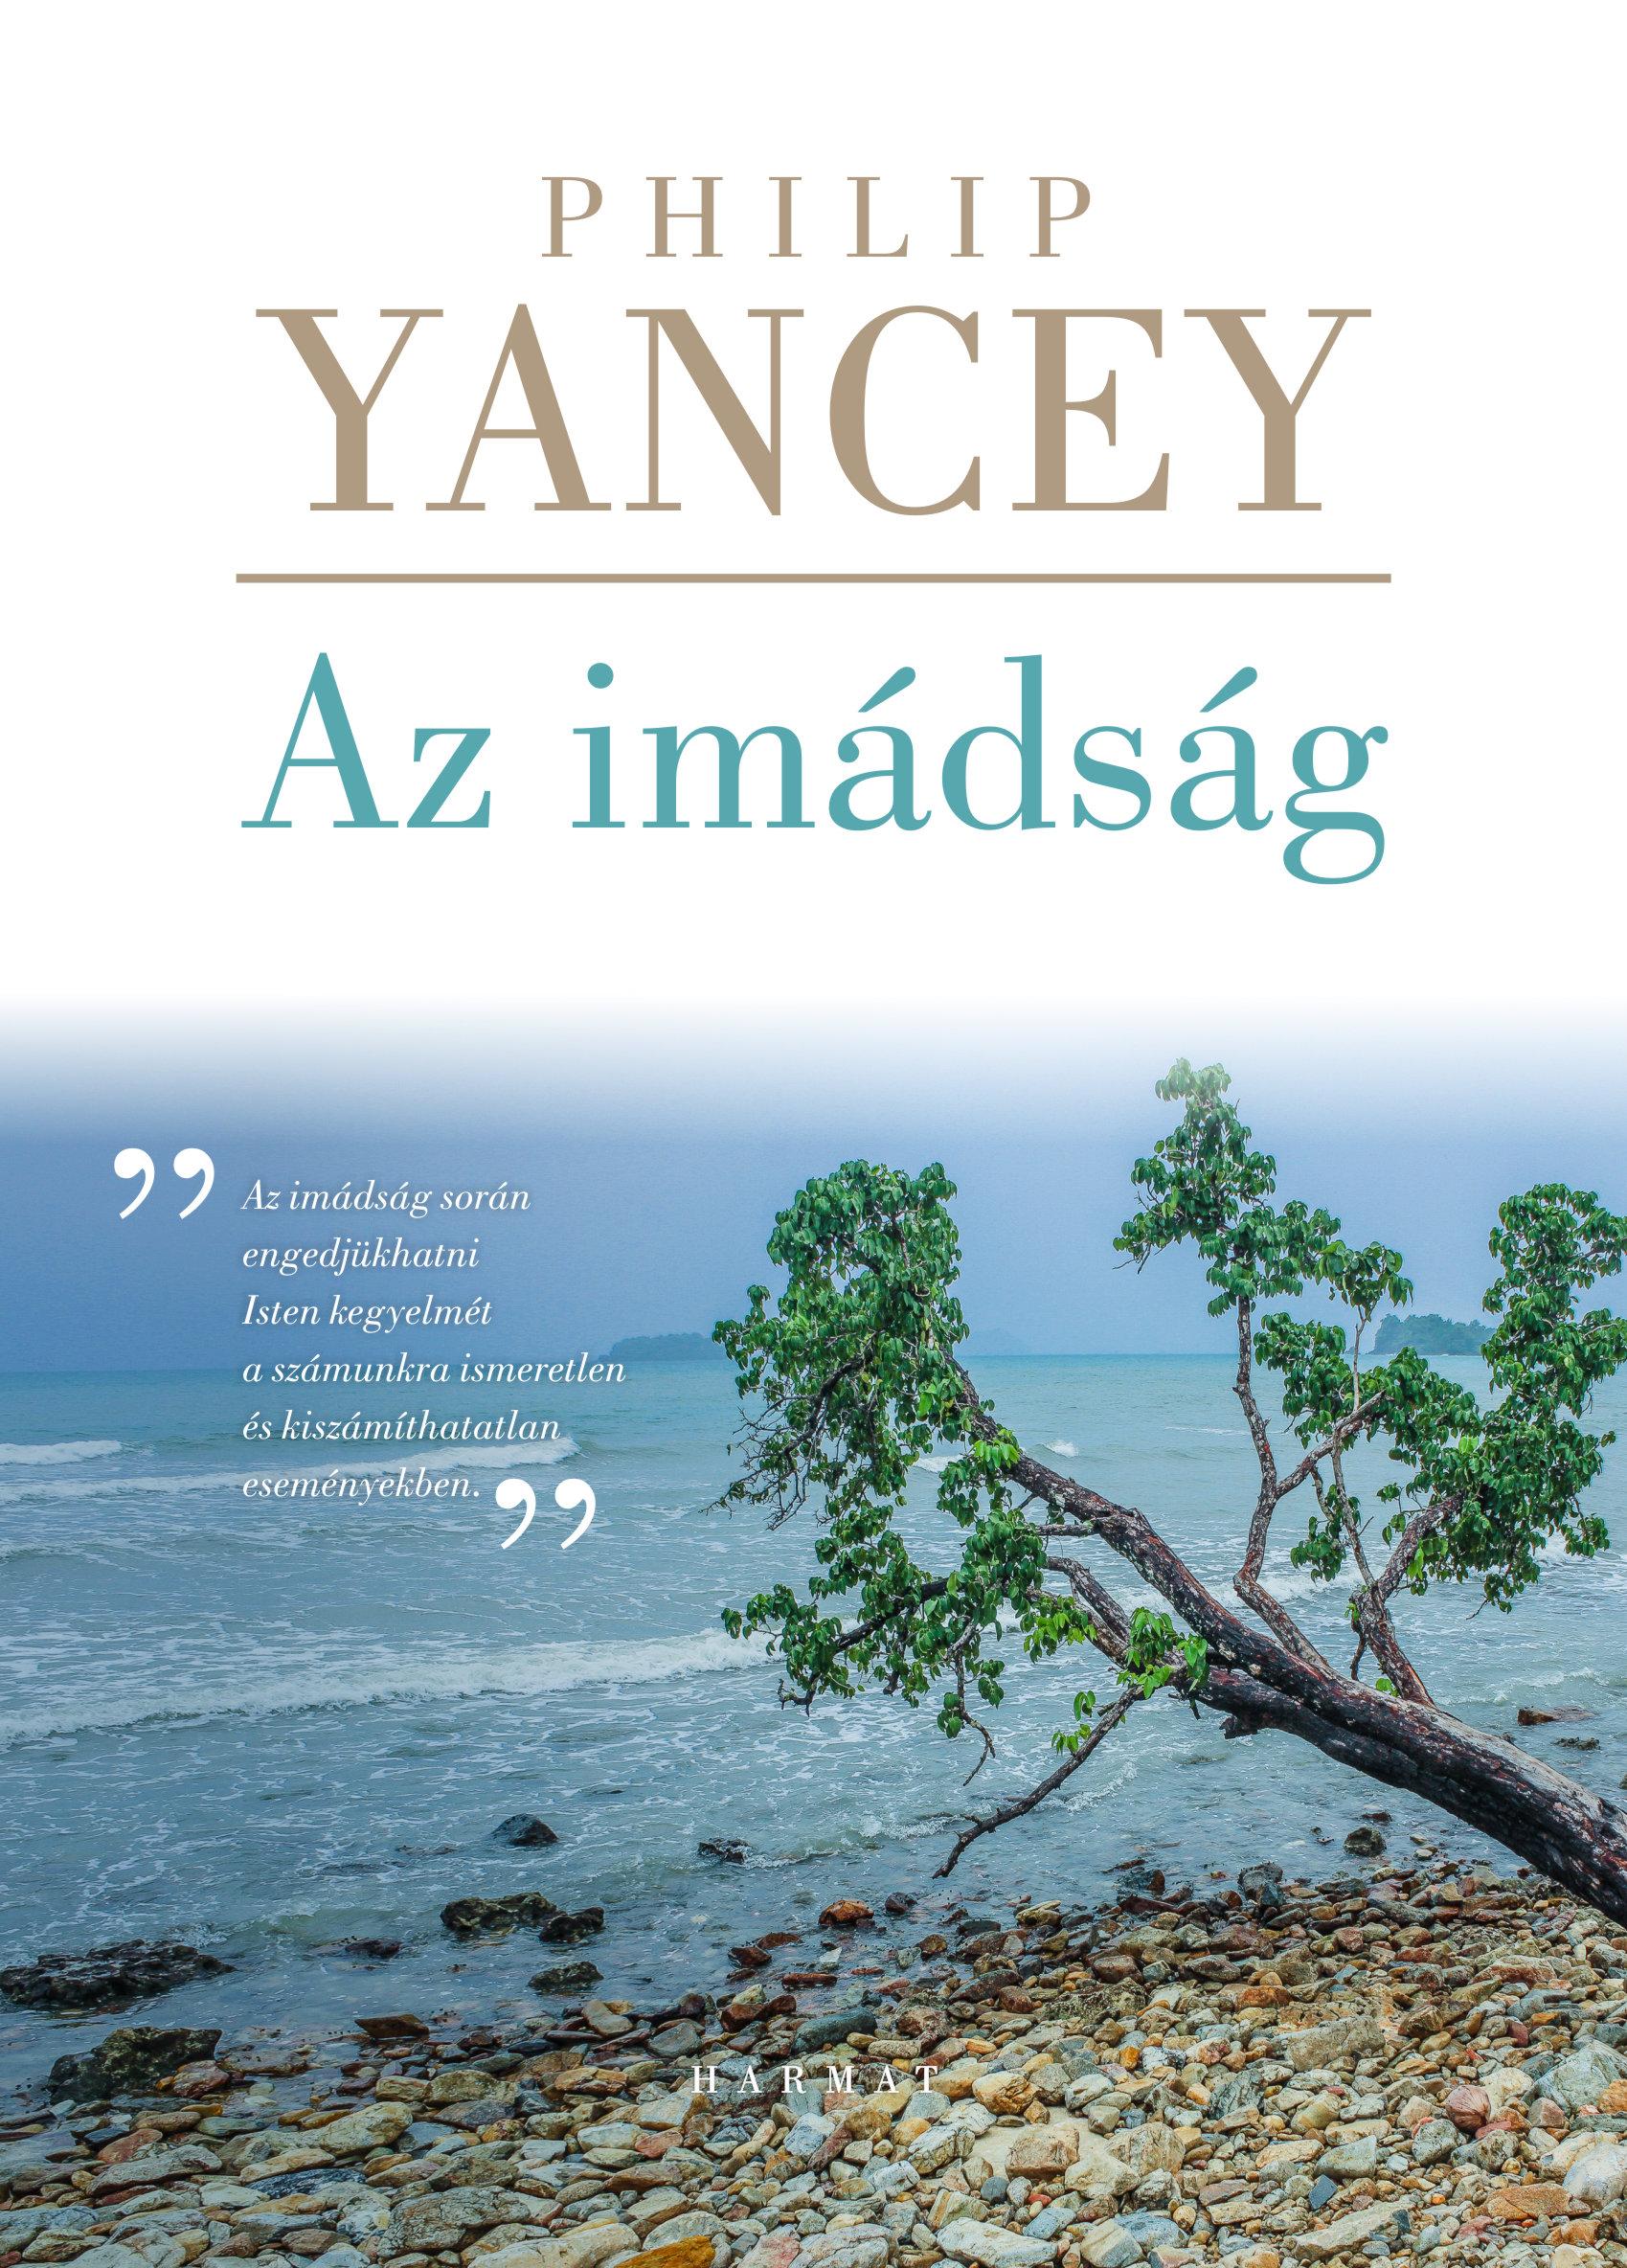 yancey-imadsag1.jpg